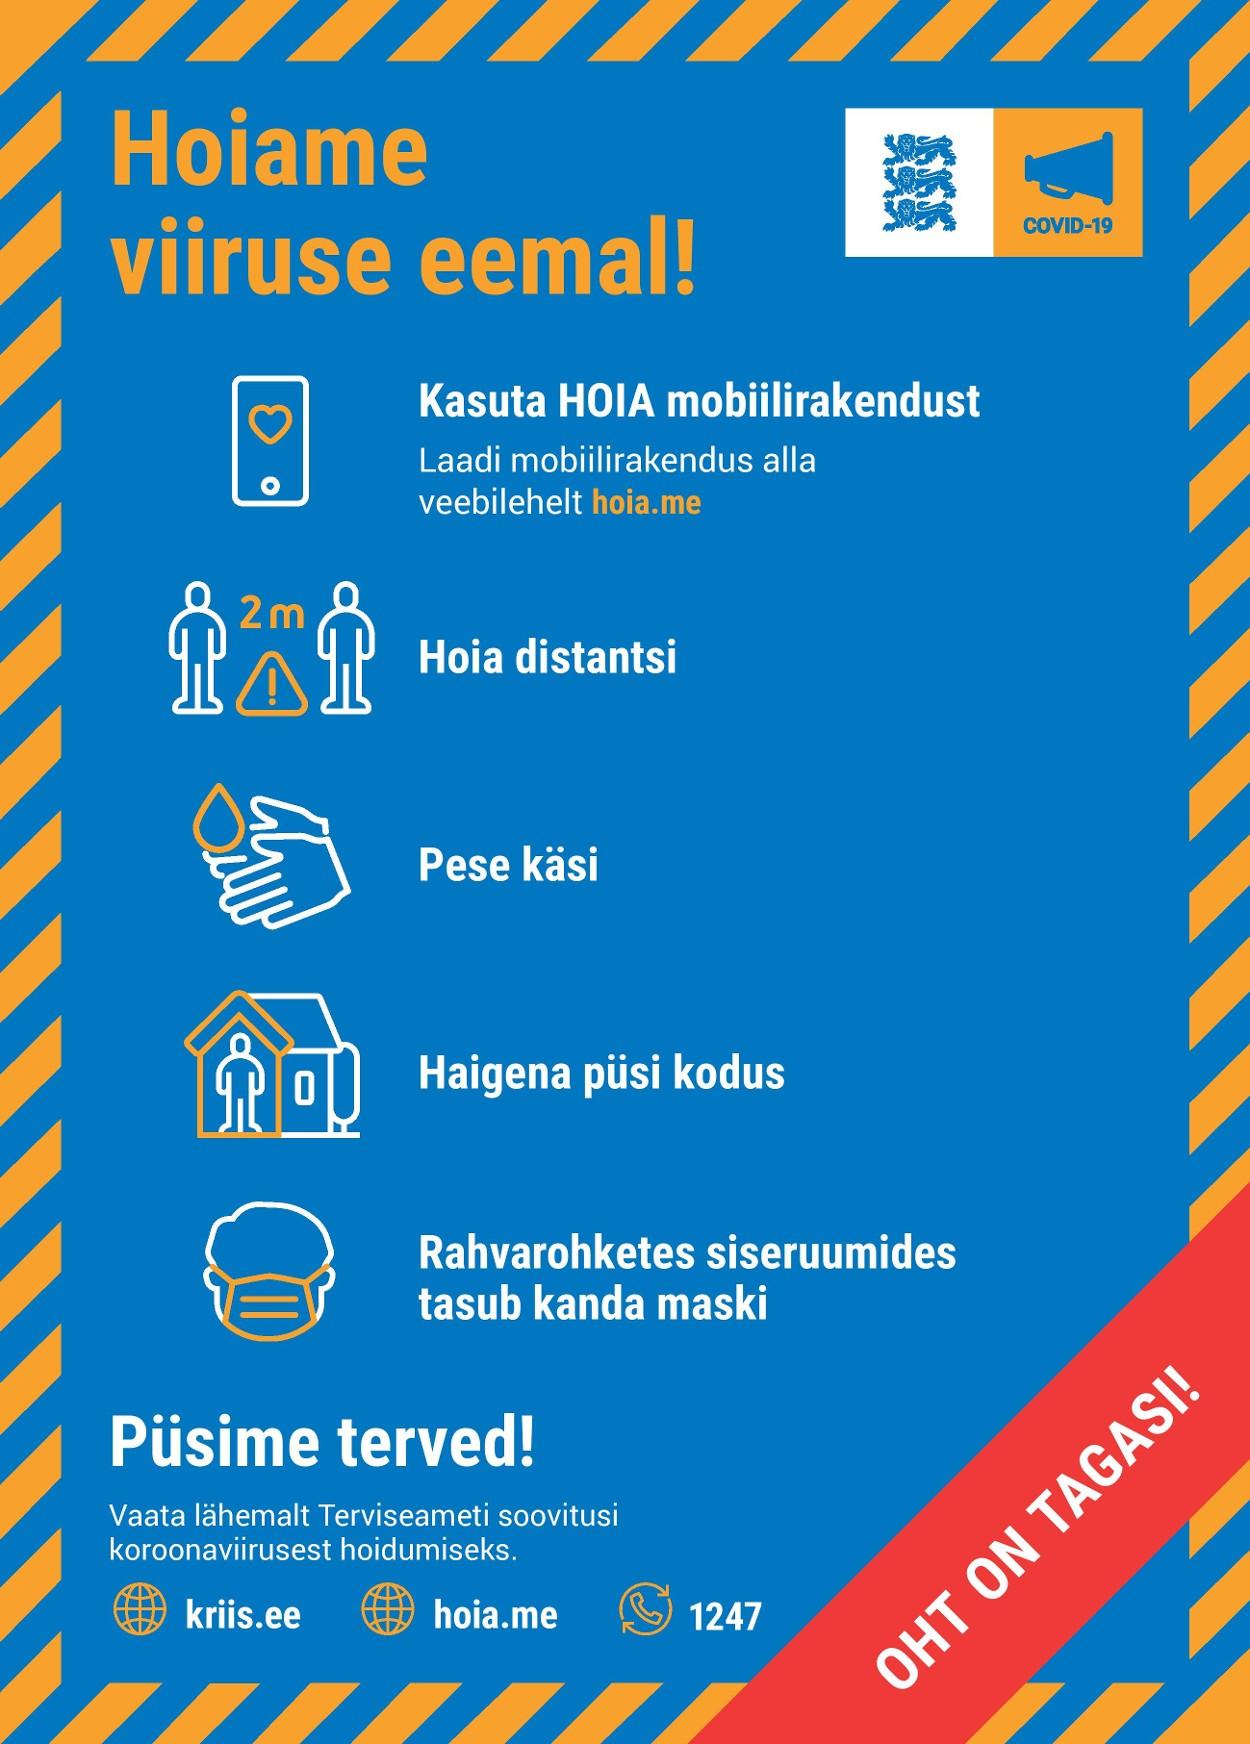 Hoiame viiruse eemal!